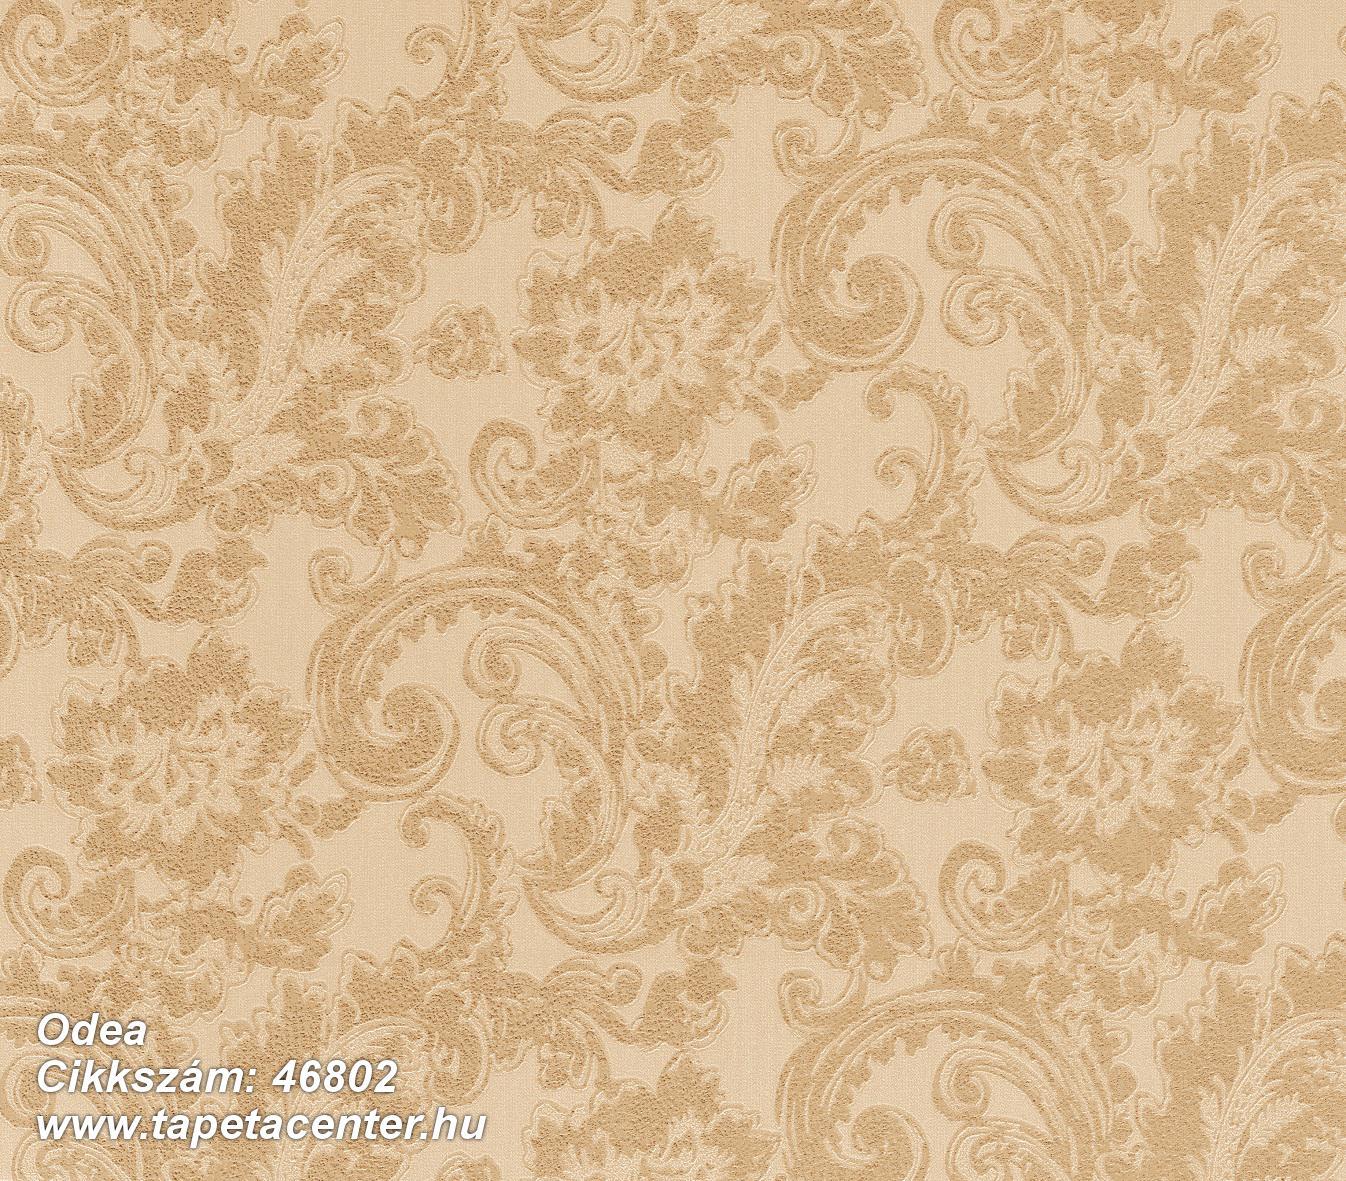 Odea - 46802 Olasz tapéta